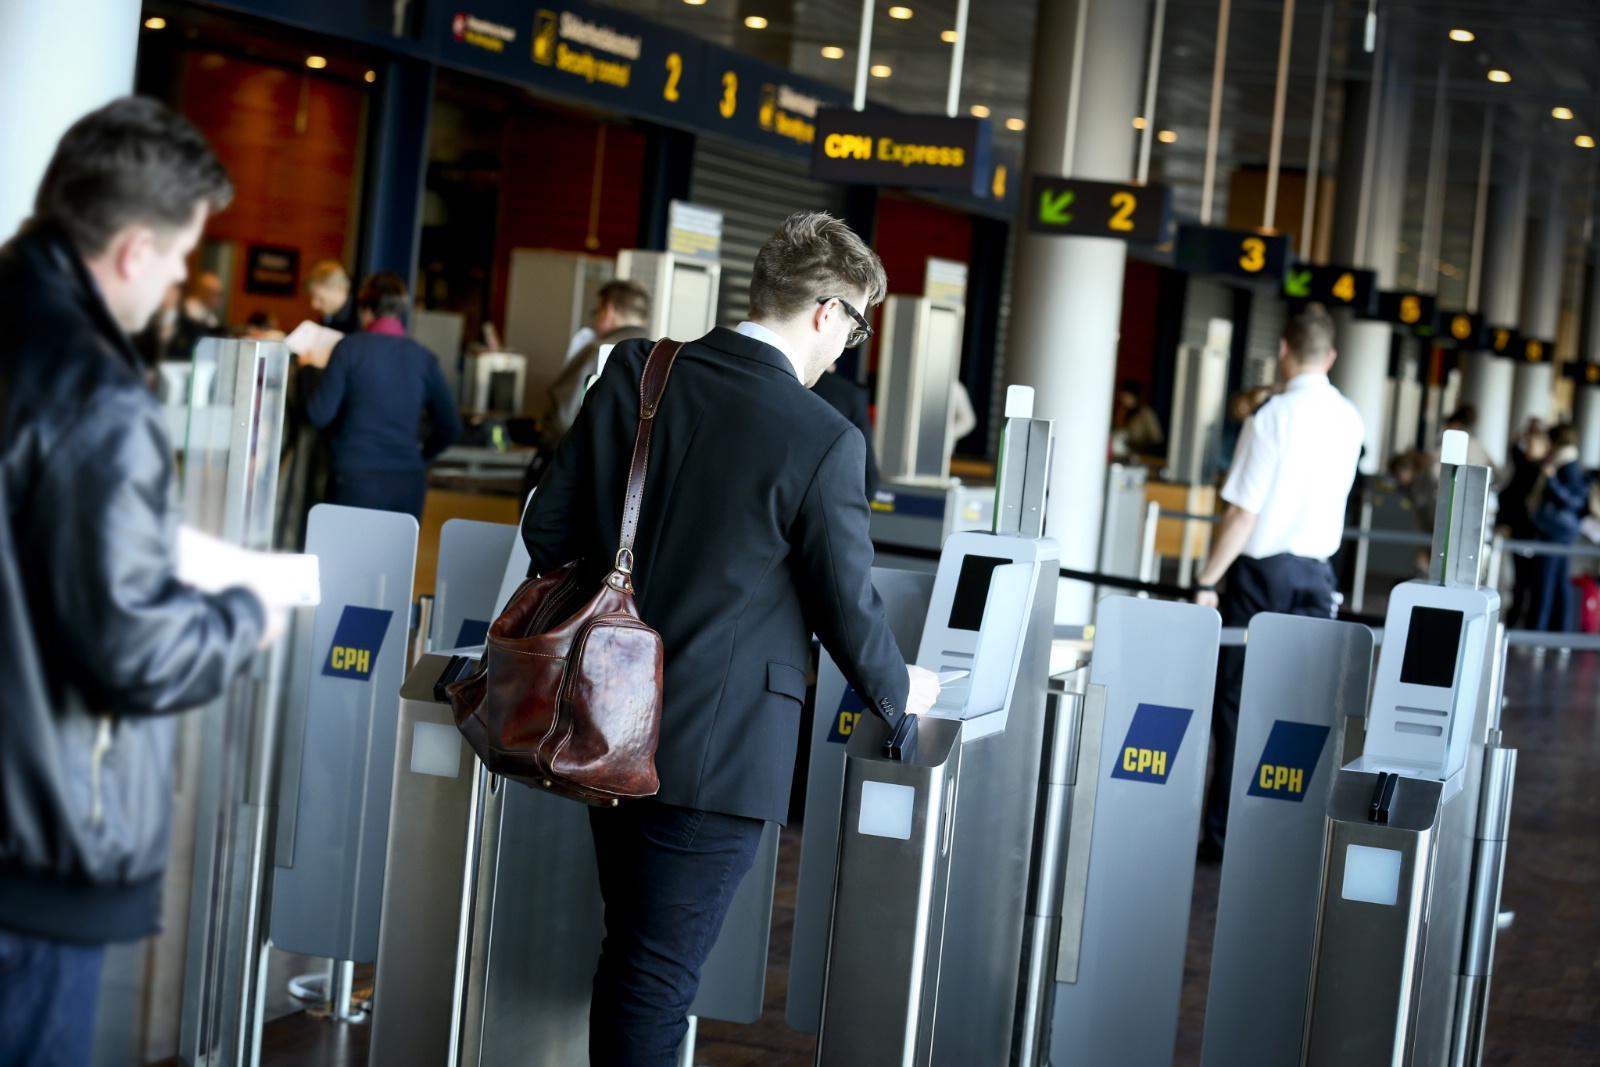 E-gates i Københavns Lufthavn. (Foto: Ernst Tobisch)